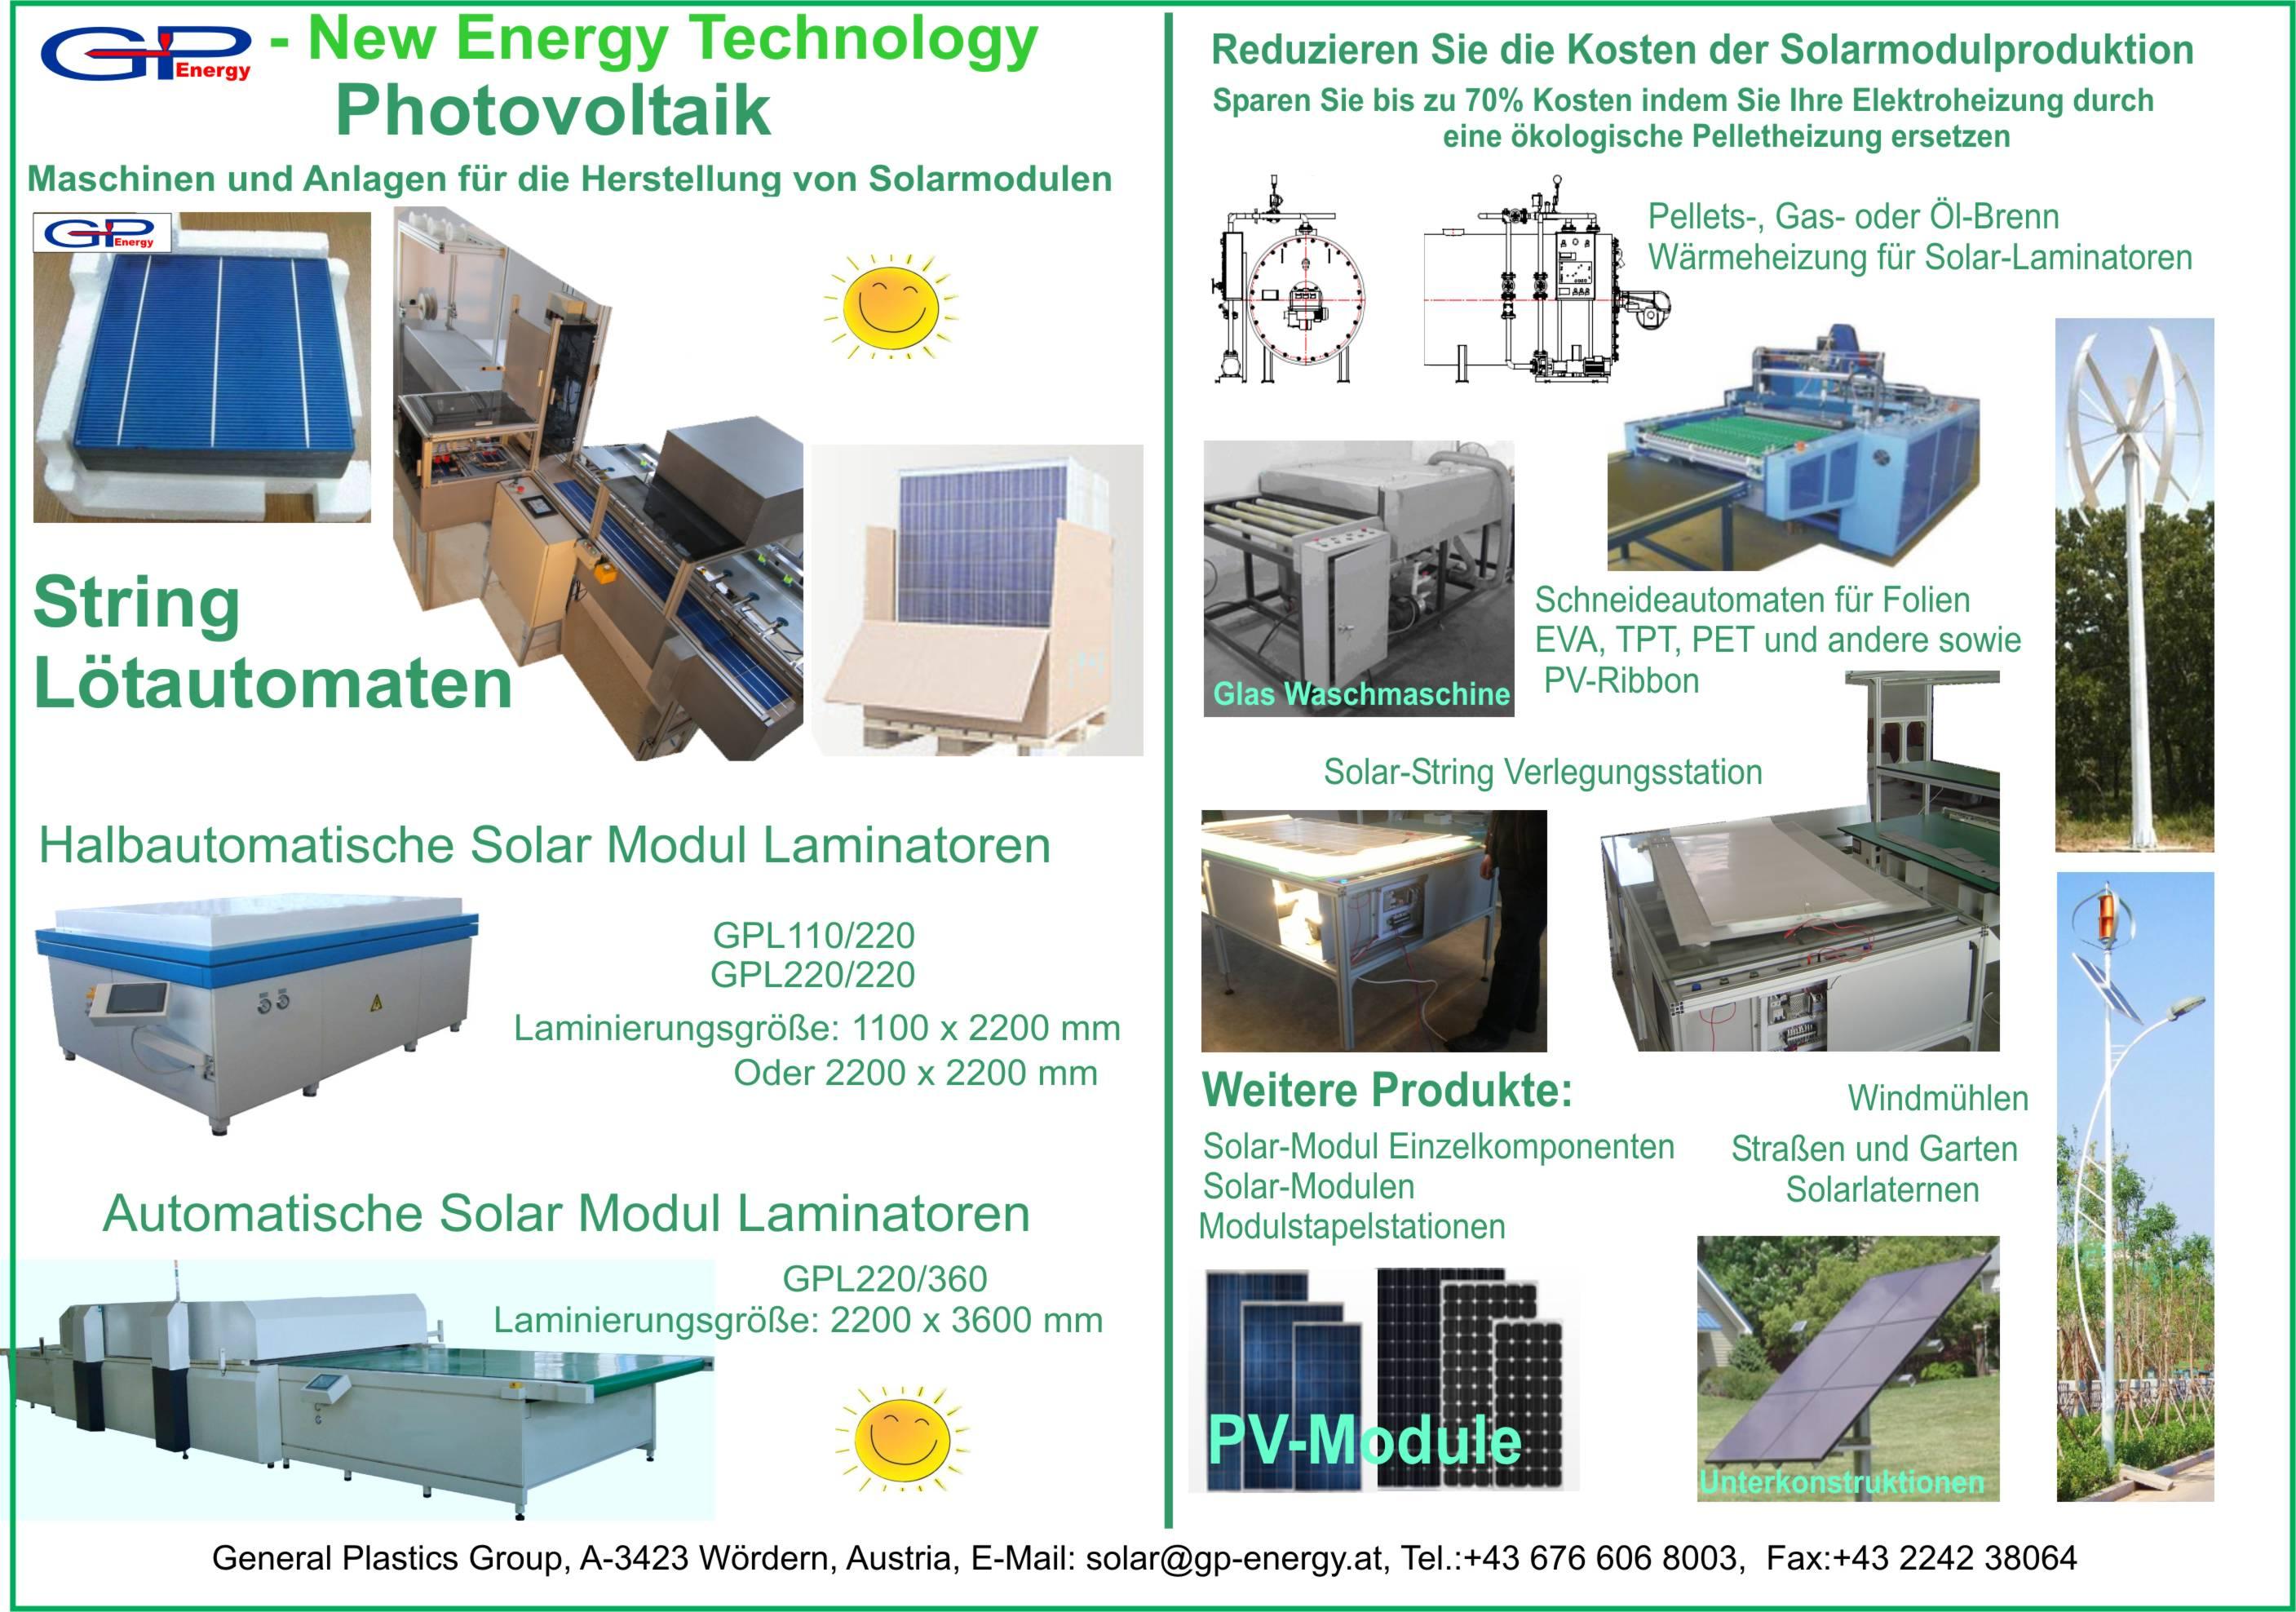 Maschinen zur Herstellung von Solaranlagen